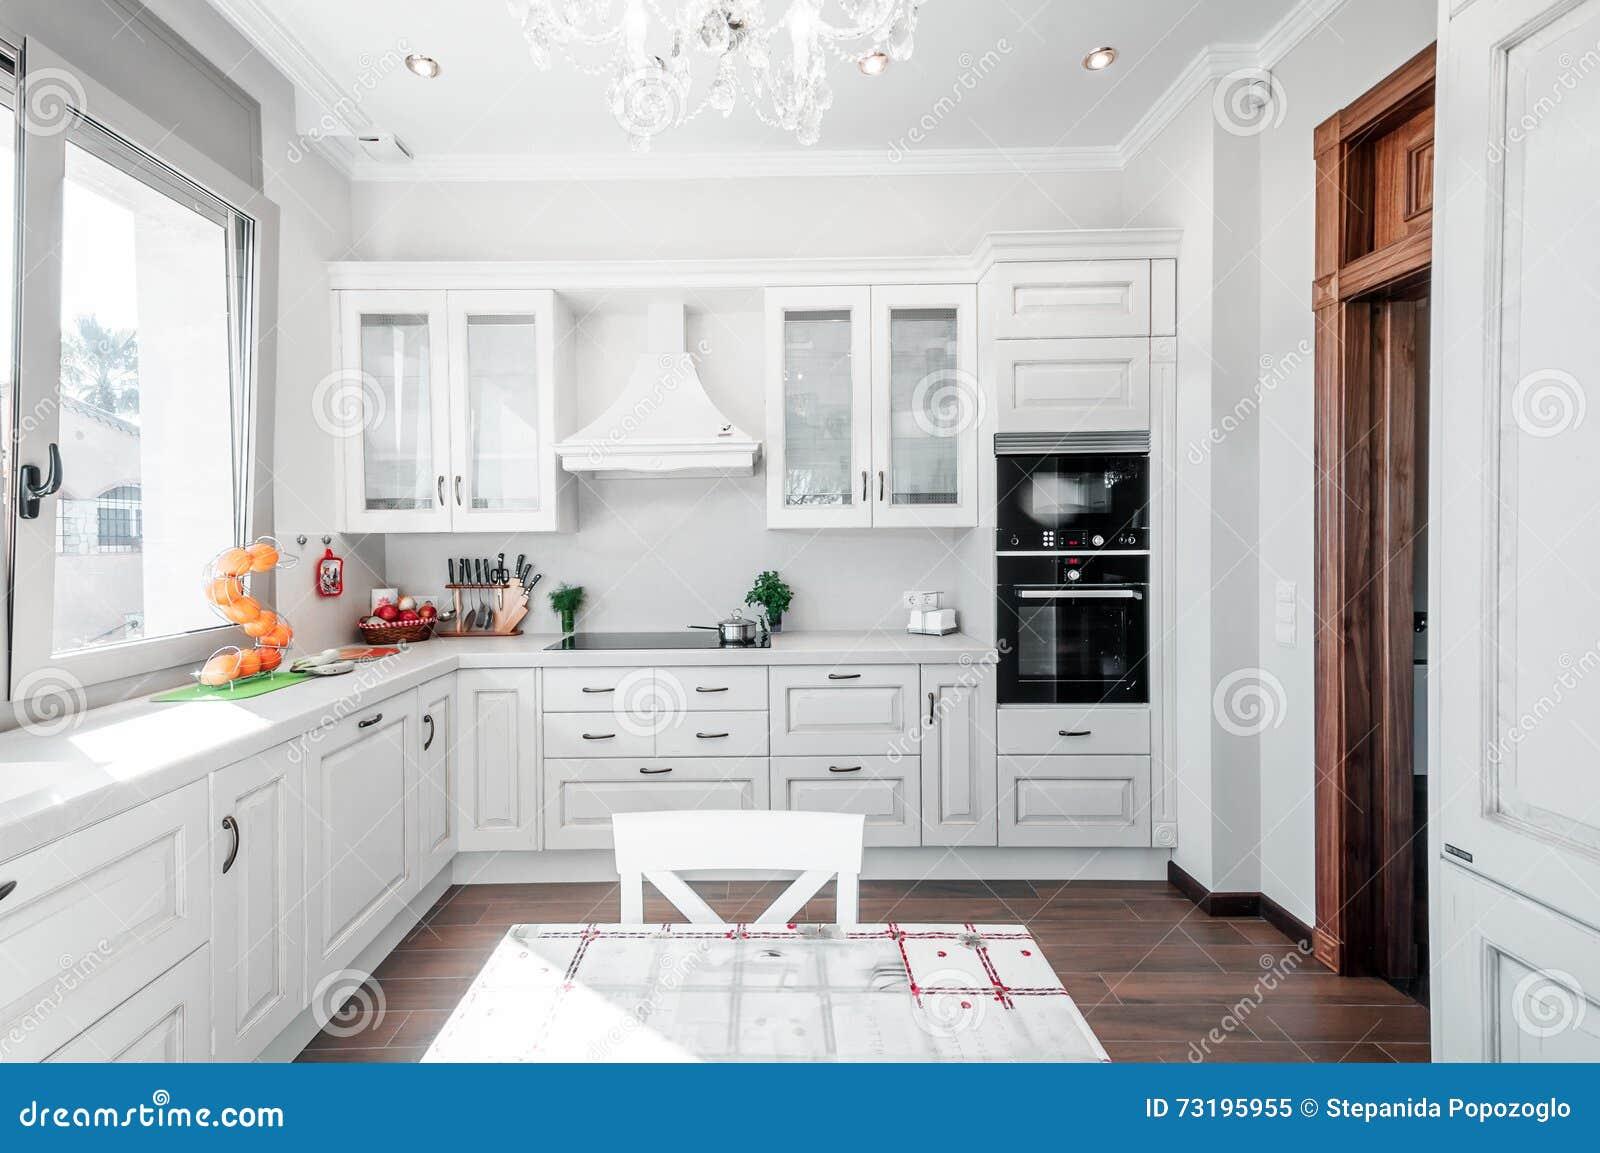 https://thumbs.dreamstime.com/z/interior-da-cozinha-na-casa-luxuosa-nova-com-toque-de-retro-moderno-73195955.jpg